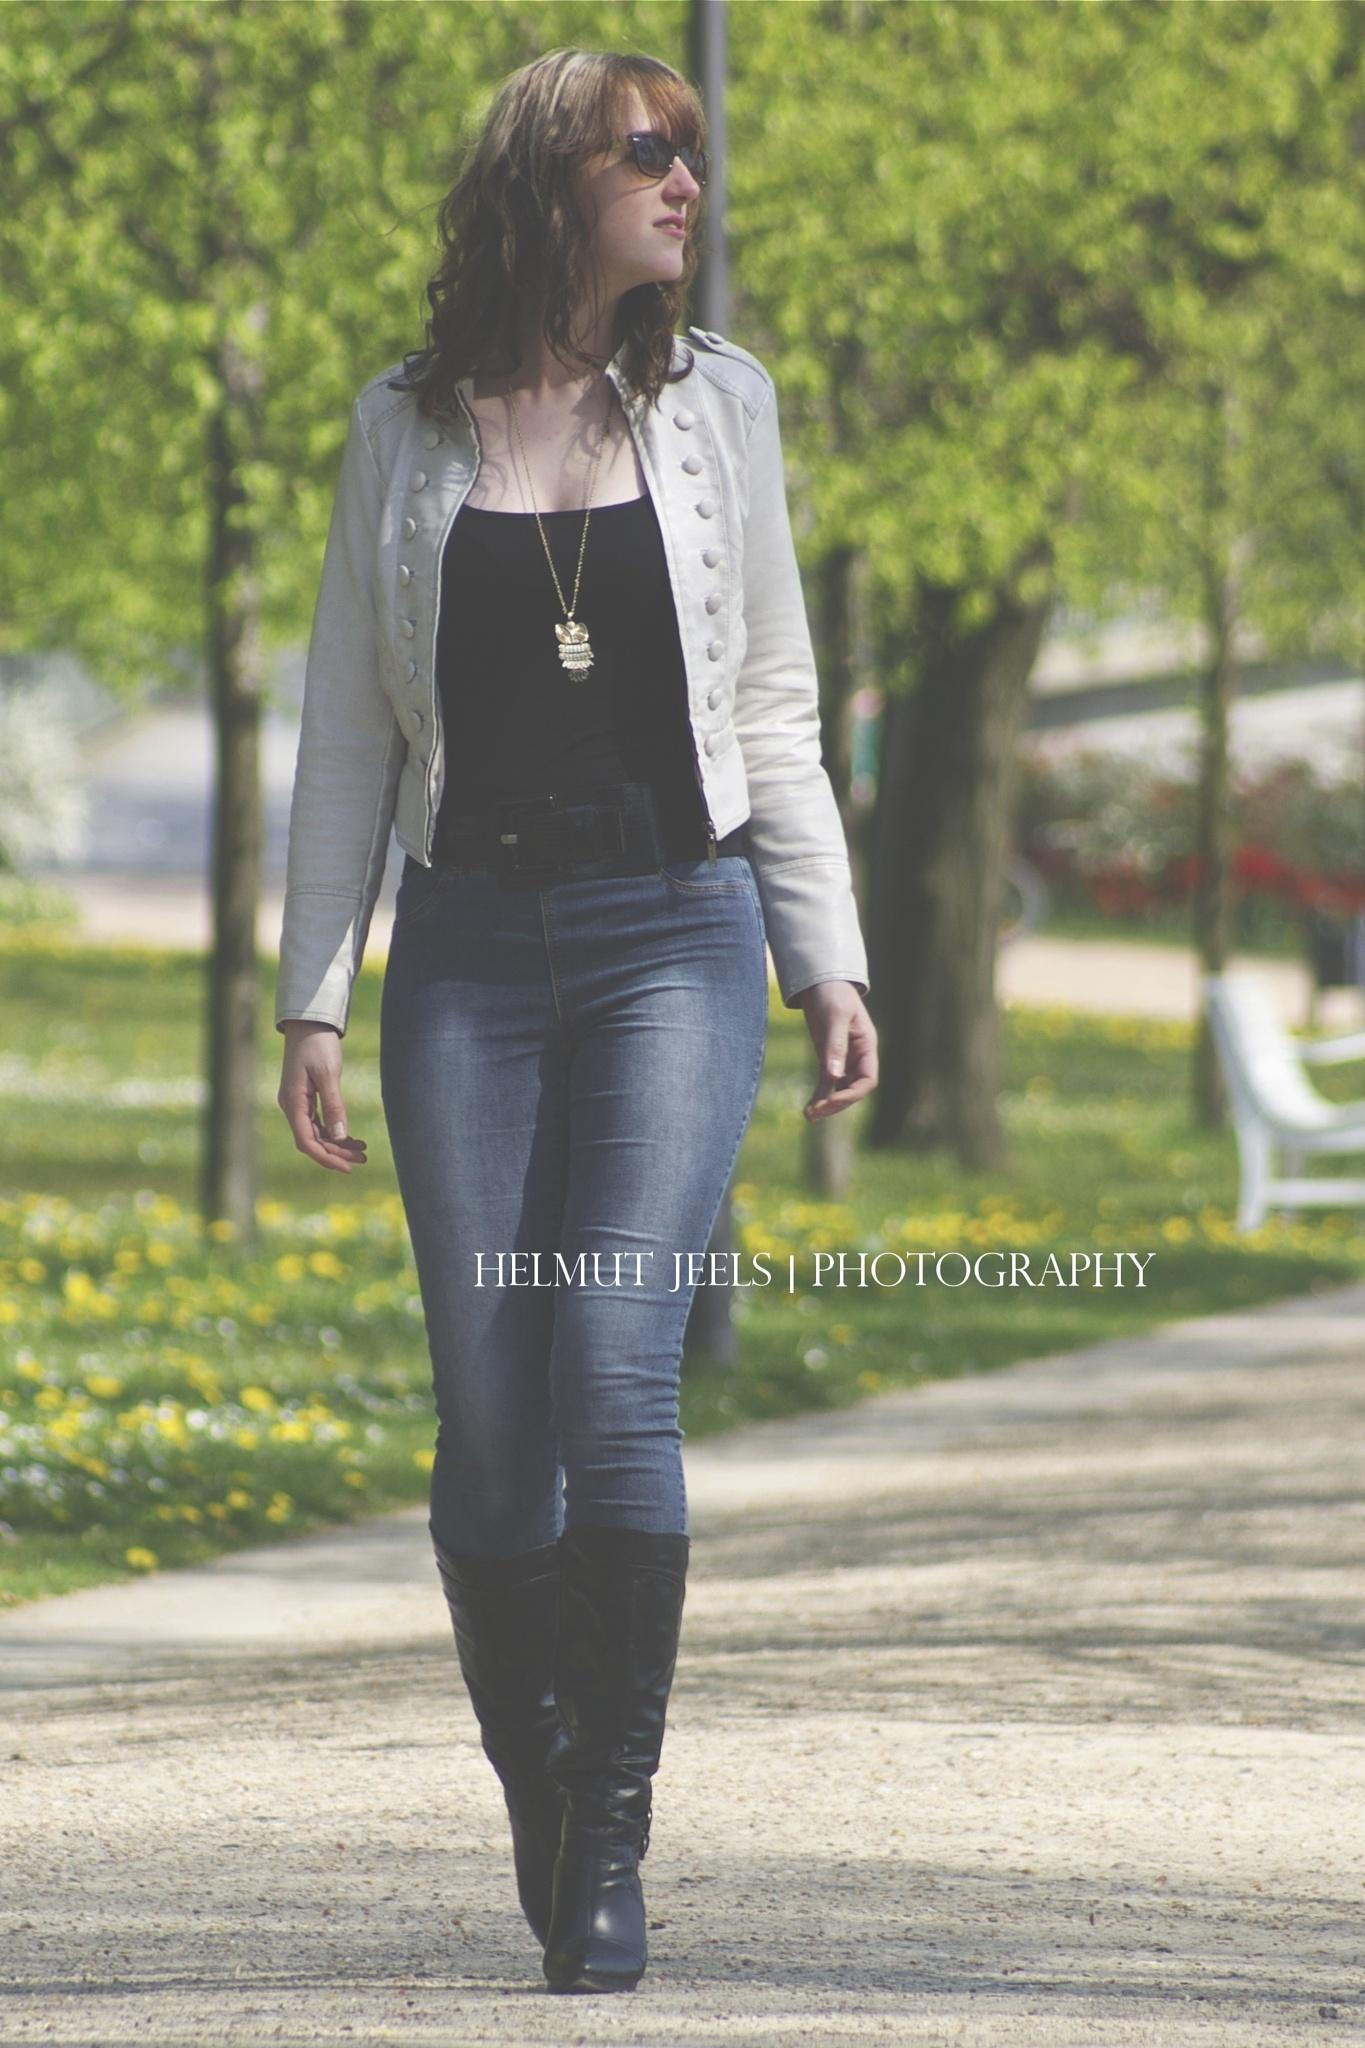 walking in the park by Helmut Jeels